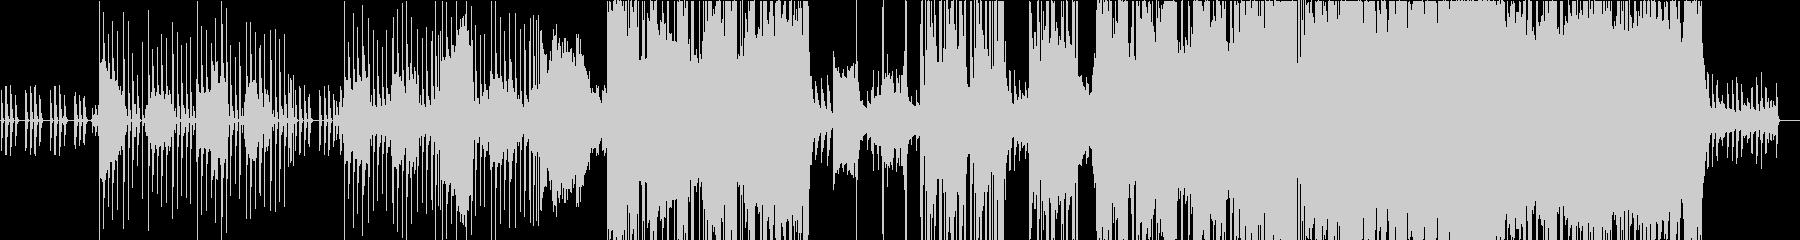 日常を歌ったシンプルなピアノバラードの未再生の波形